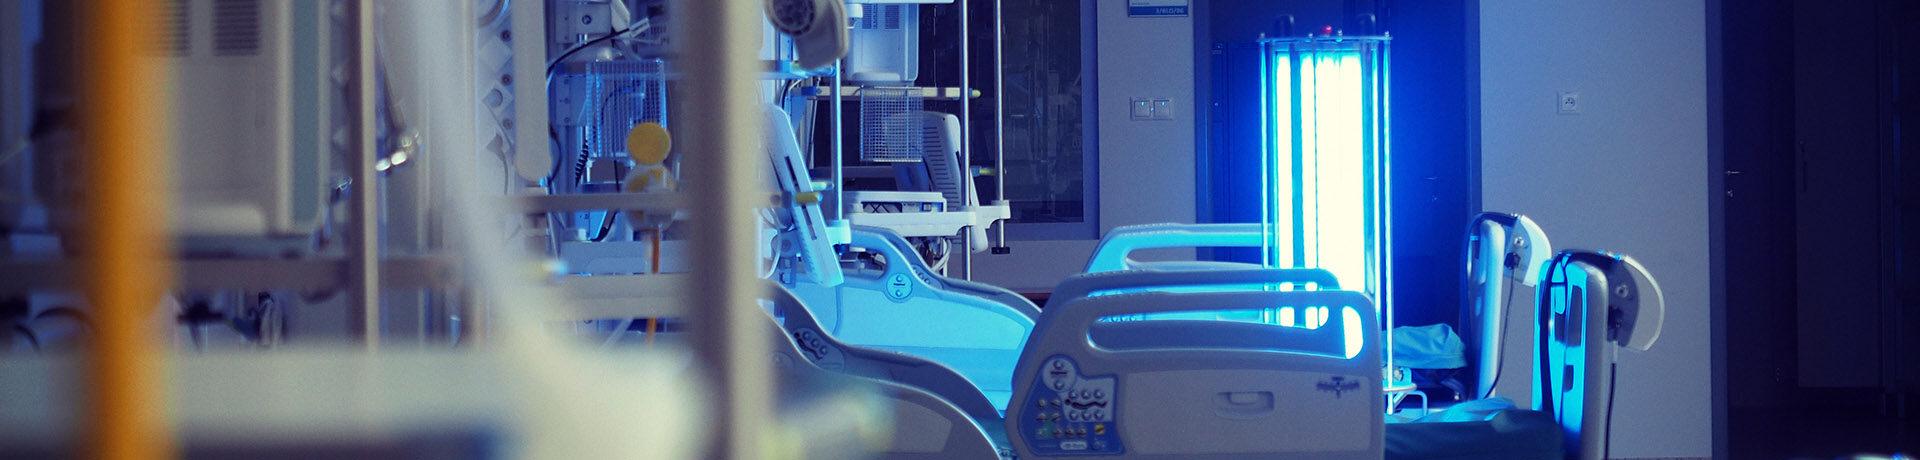 Urządzenia do odkażania w szpitalach - lampy UVC